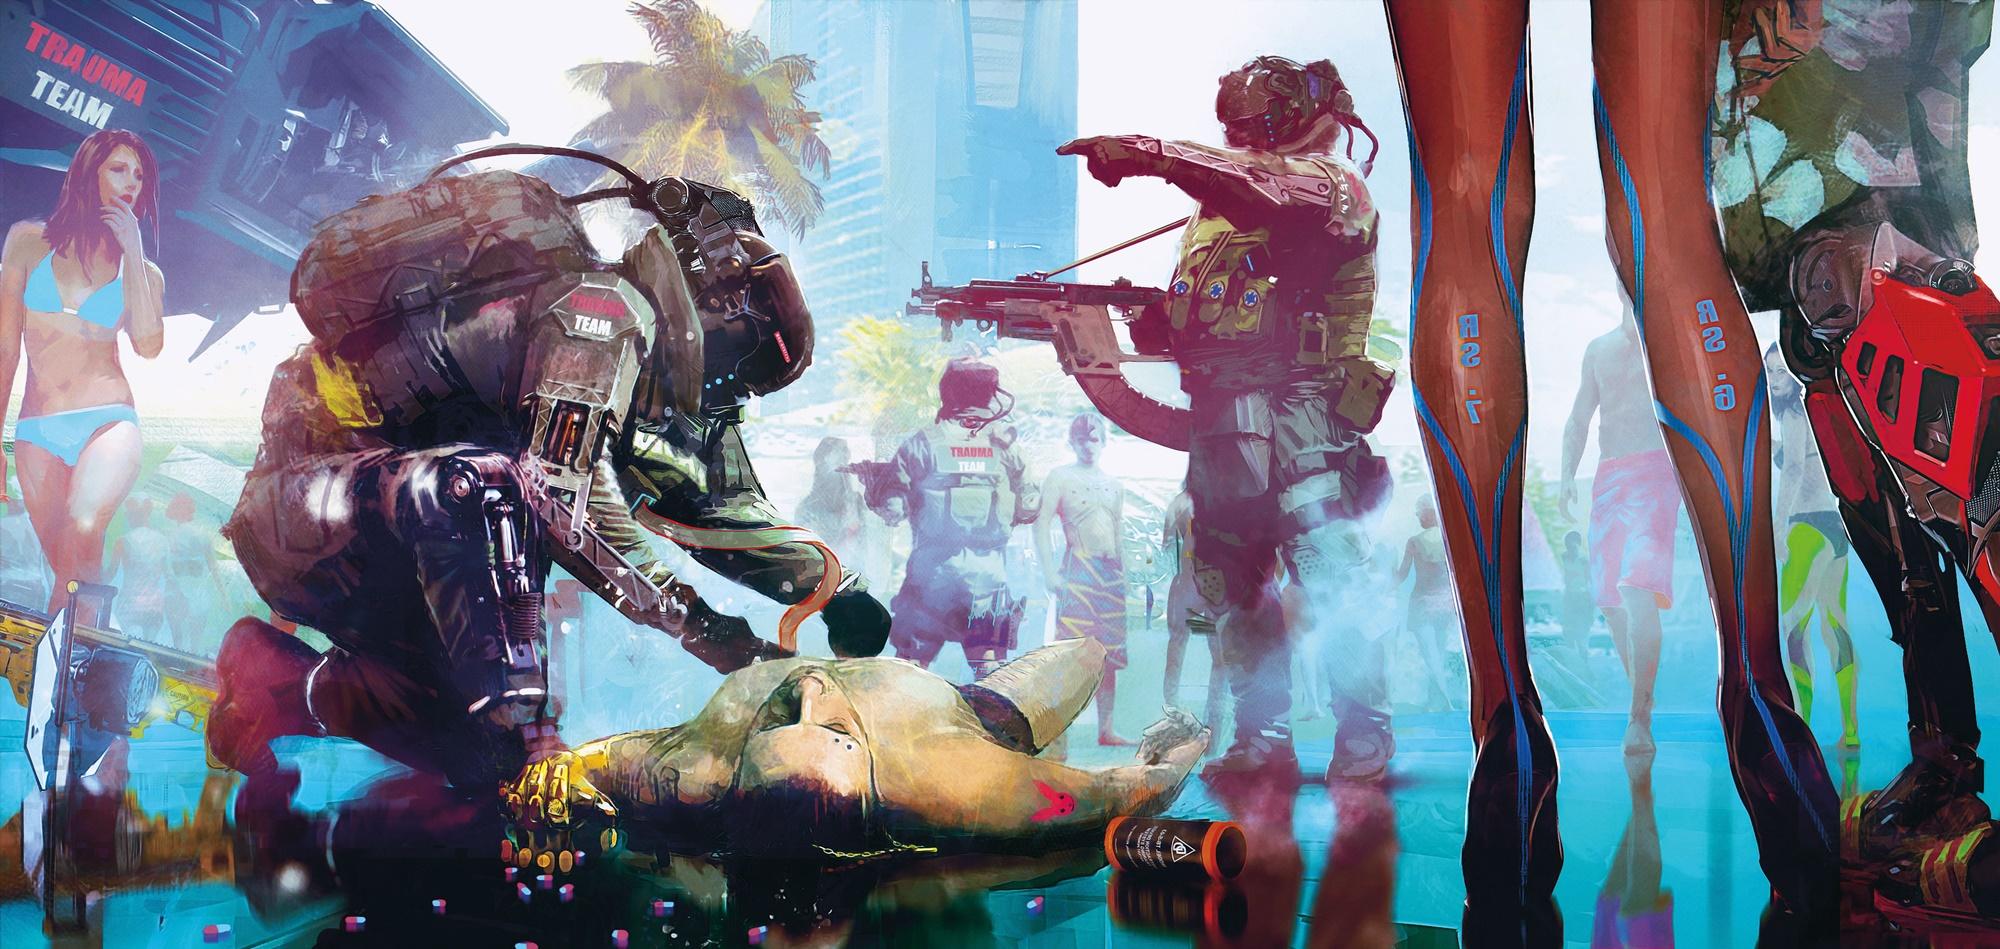 Cyberpunk 2077 será um RPG em primeira pessoa com 'elementos de shooter'